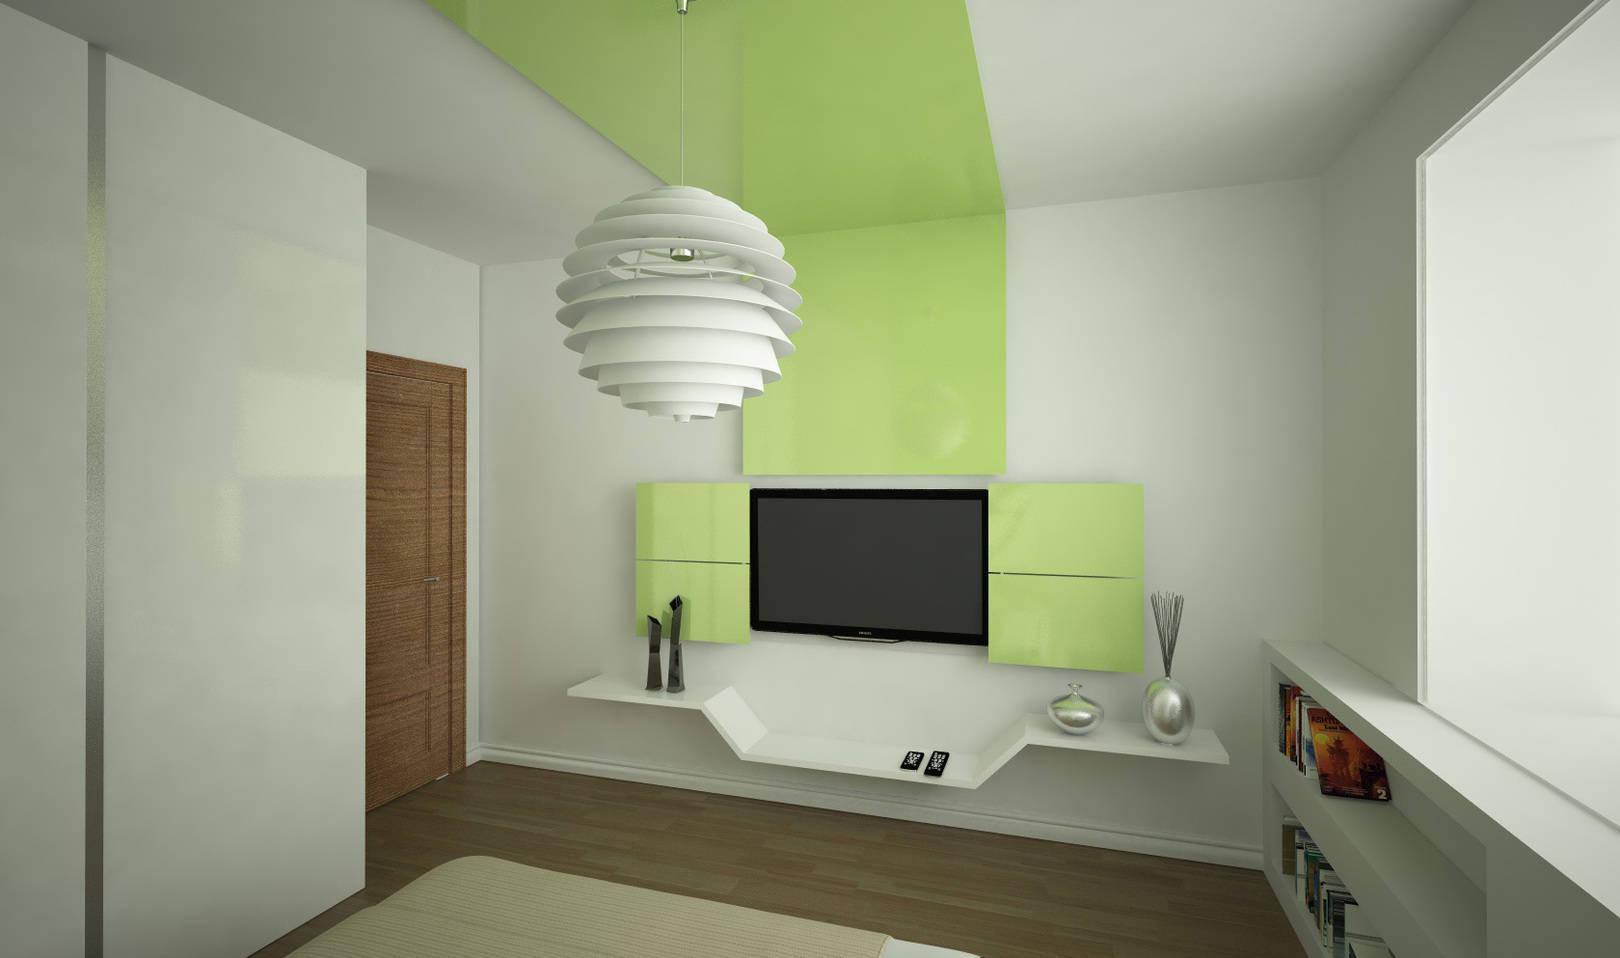 Интерьер в стиле минимализм/ Interior in Minimalism Style